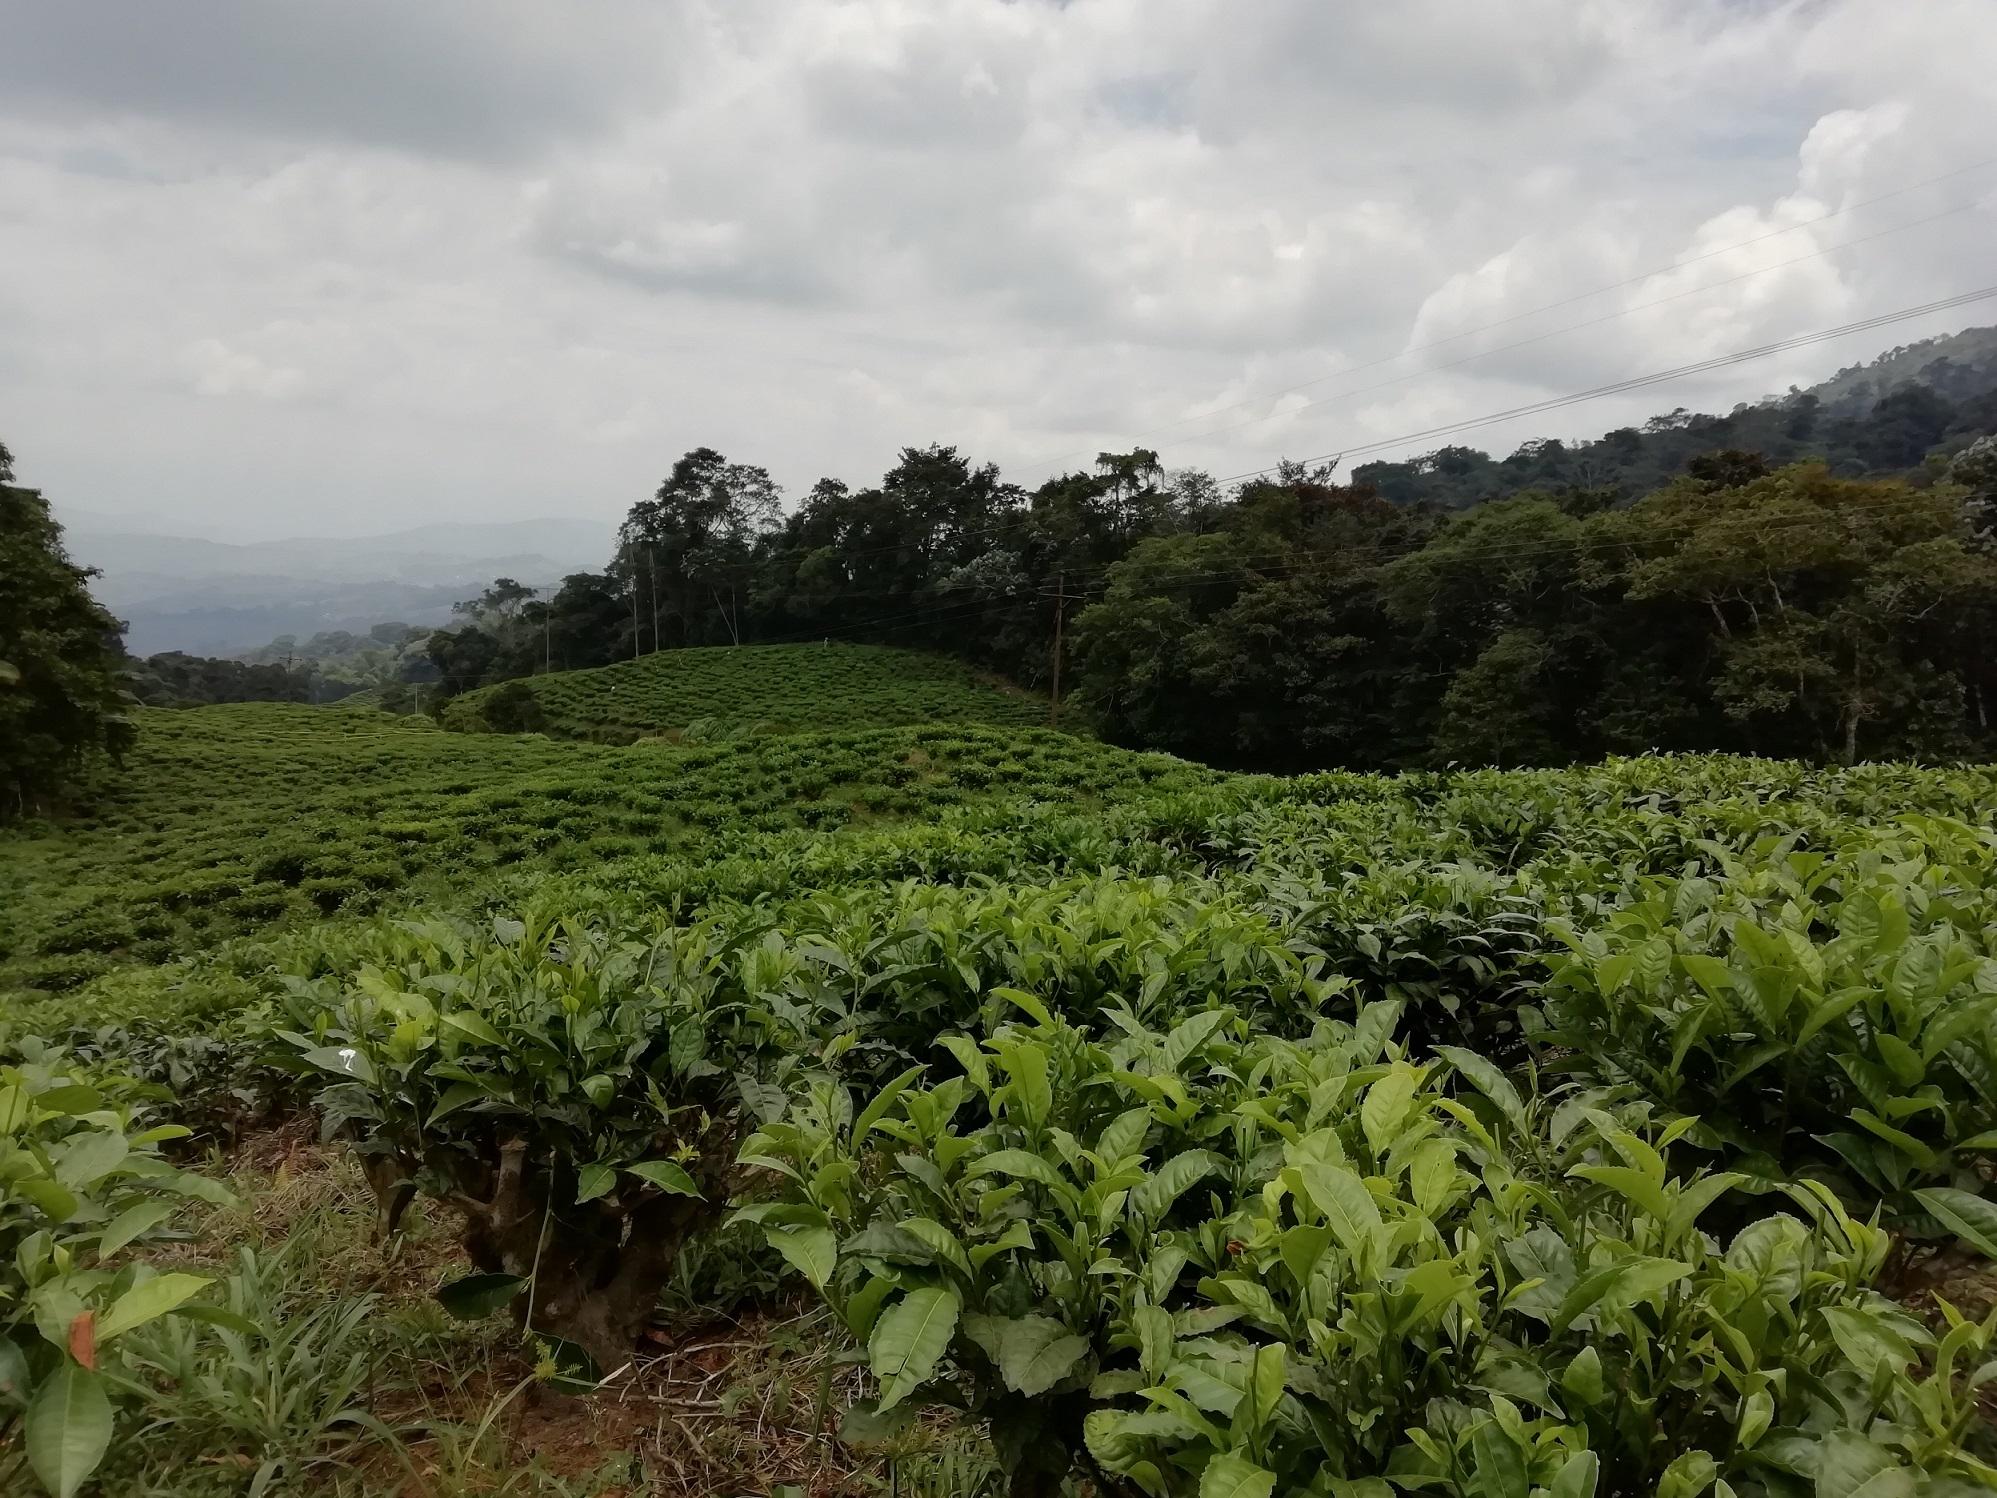 Cultivos de té en Chicoral, Valle del Cauca.